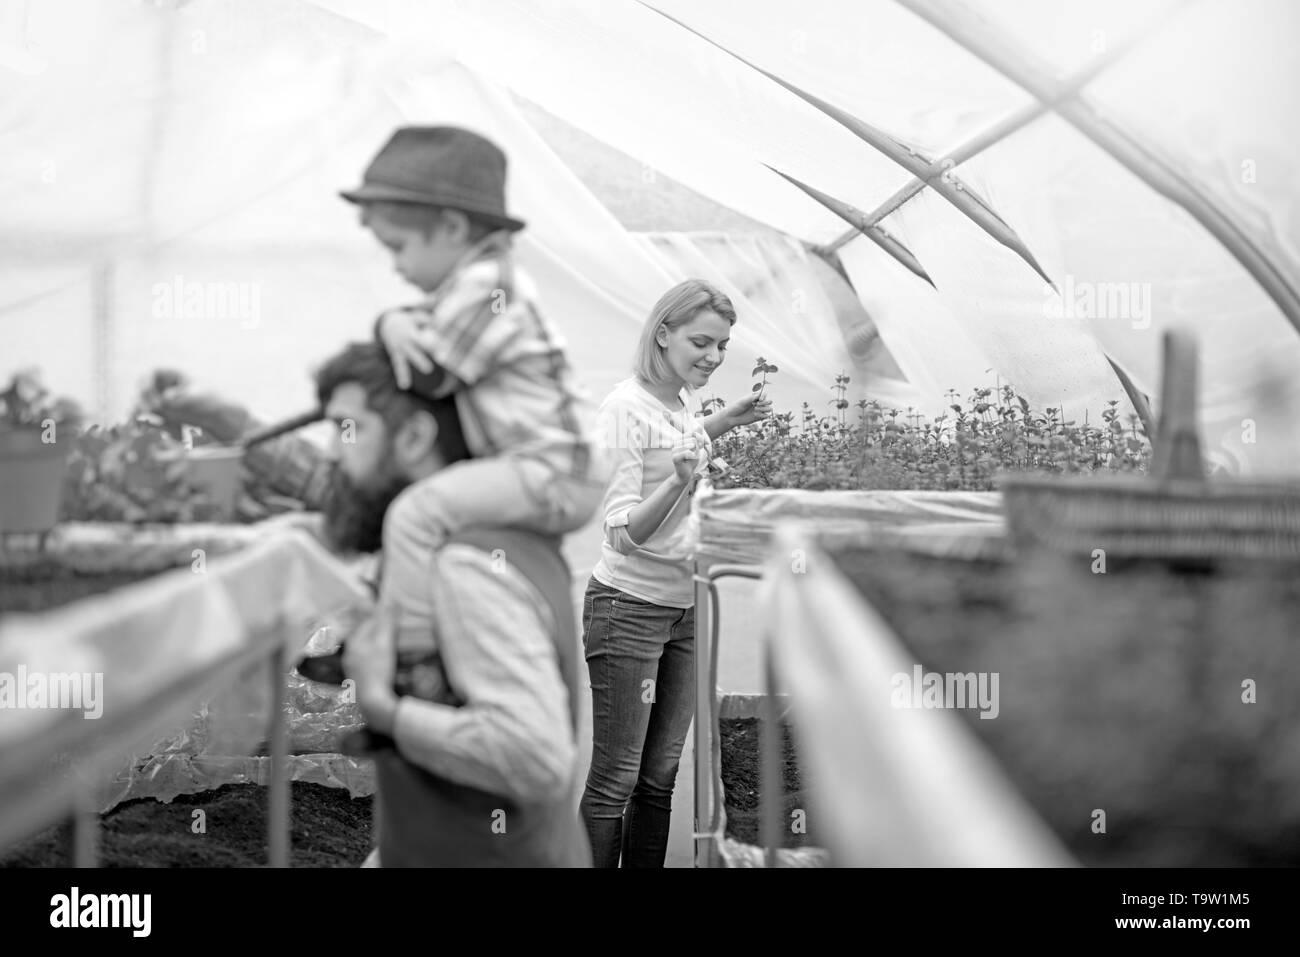 Jolie blonde dame en rose cardigan planter des fleurs avec peu de jardinage chat. Homme barbu vue côté holding kid in hat sur ses épaules en floue Banque D'Images